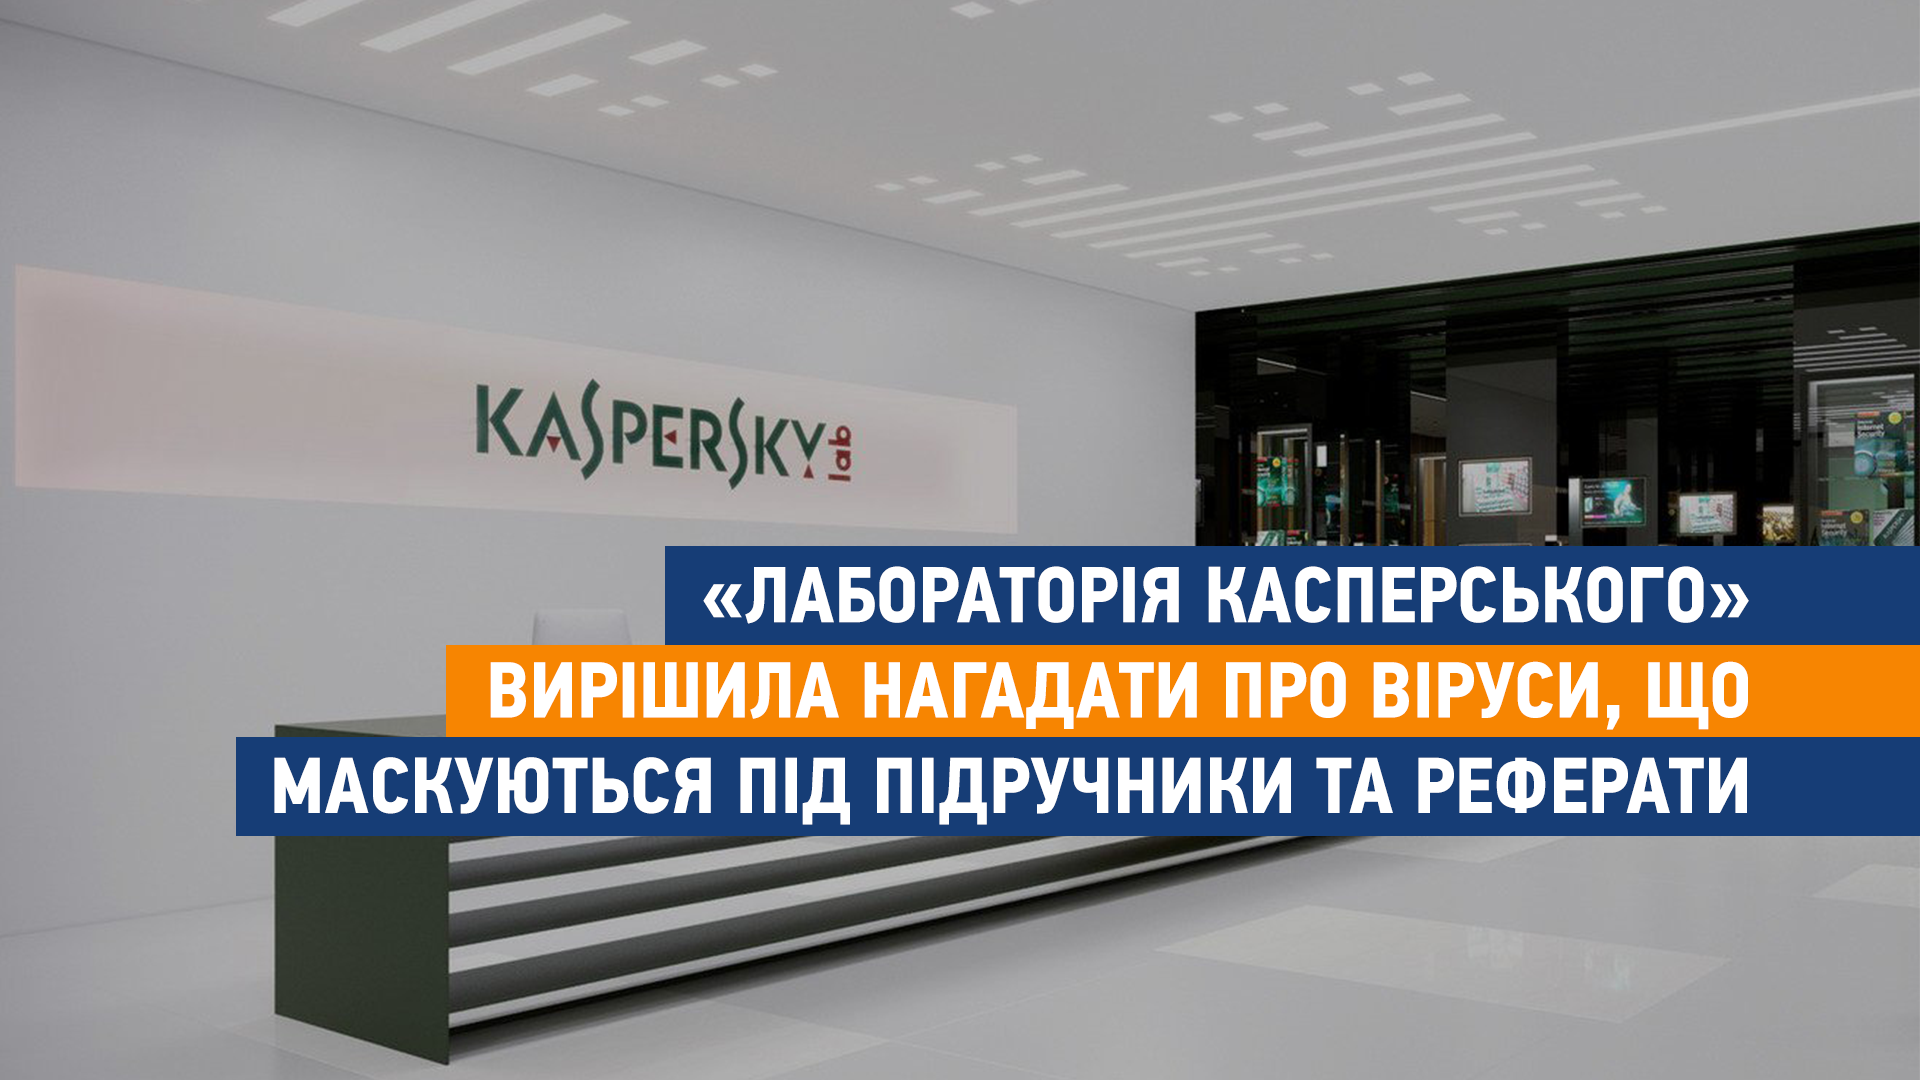 «Лабораторія Касперського» вирішила нагадати про віруси, що маскуються під підручники та реферати